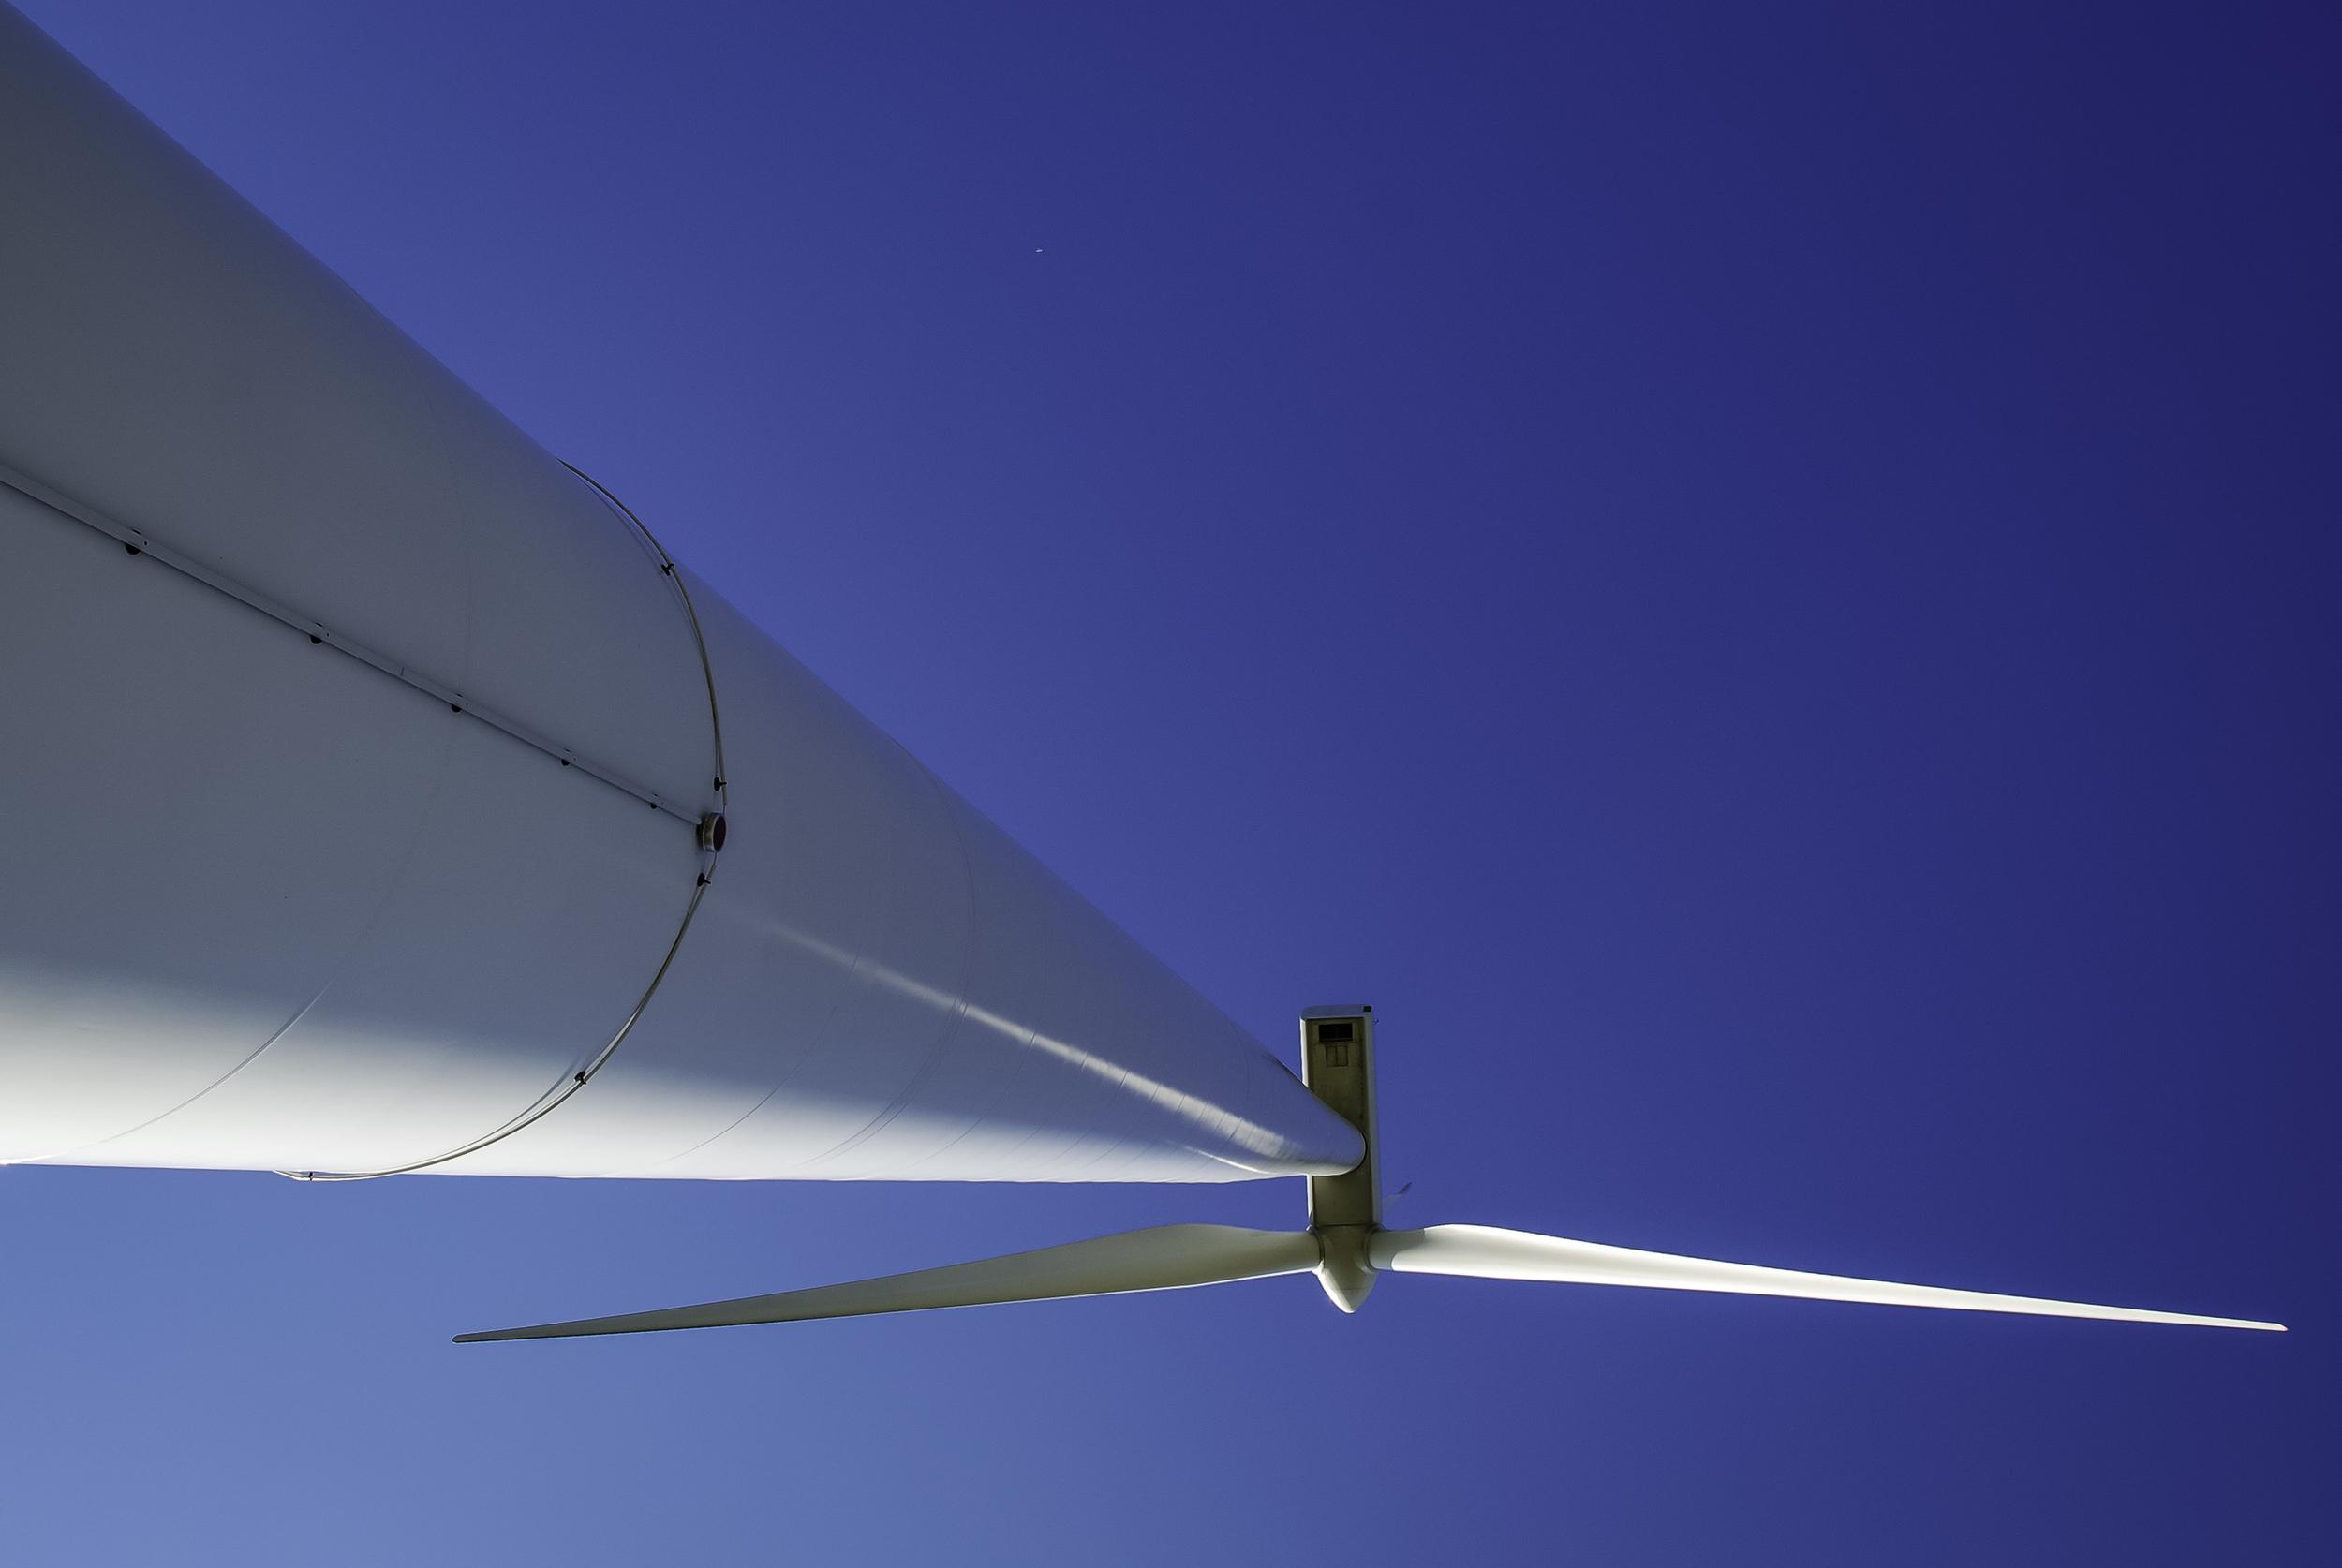 Viewfinder-windturbine-fotograferen-eigenzinnige-fotografie-11